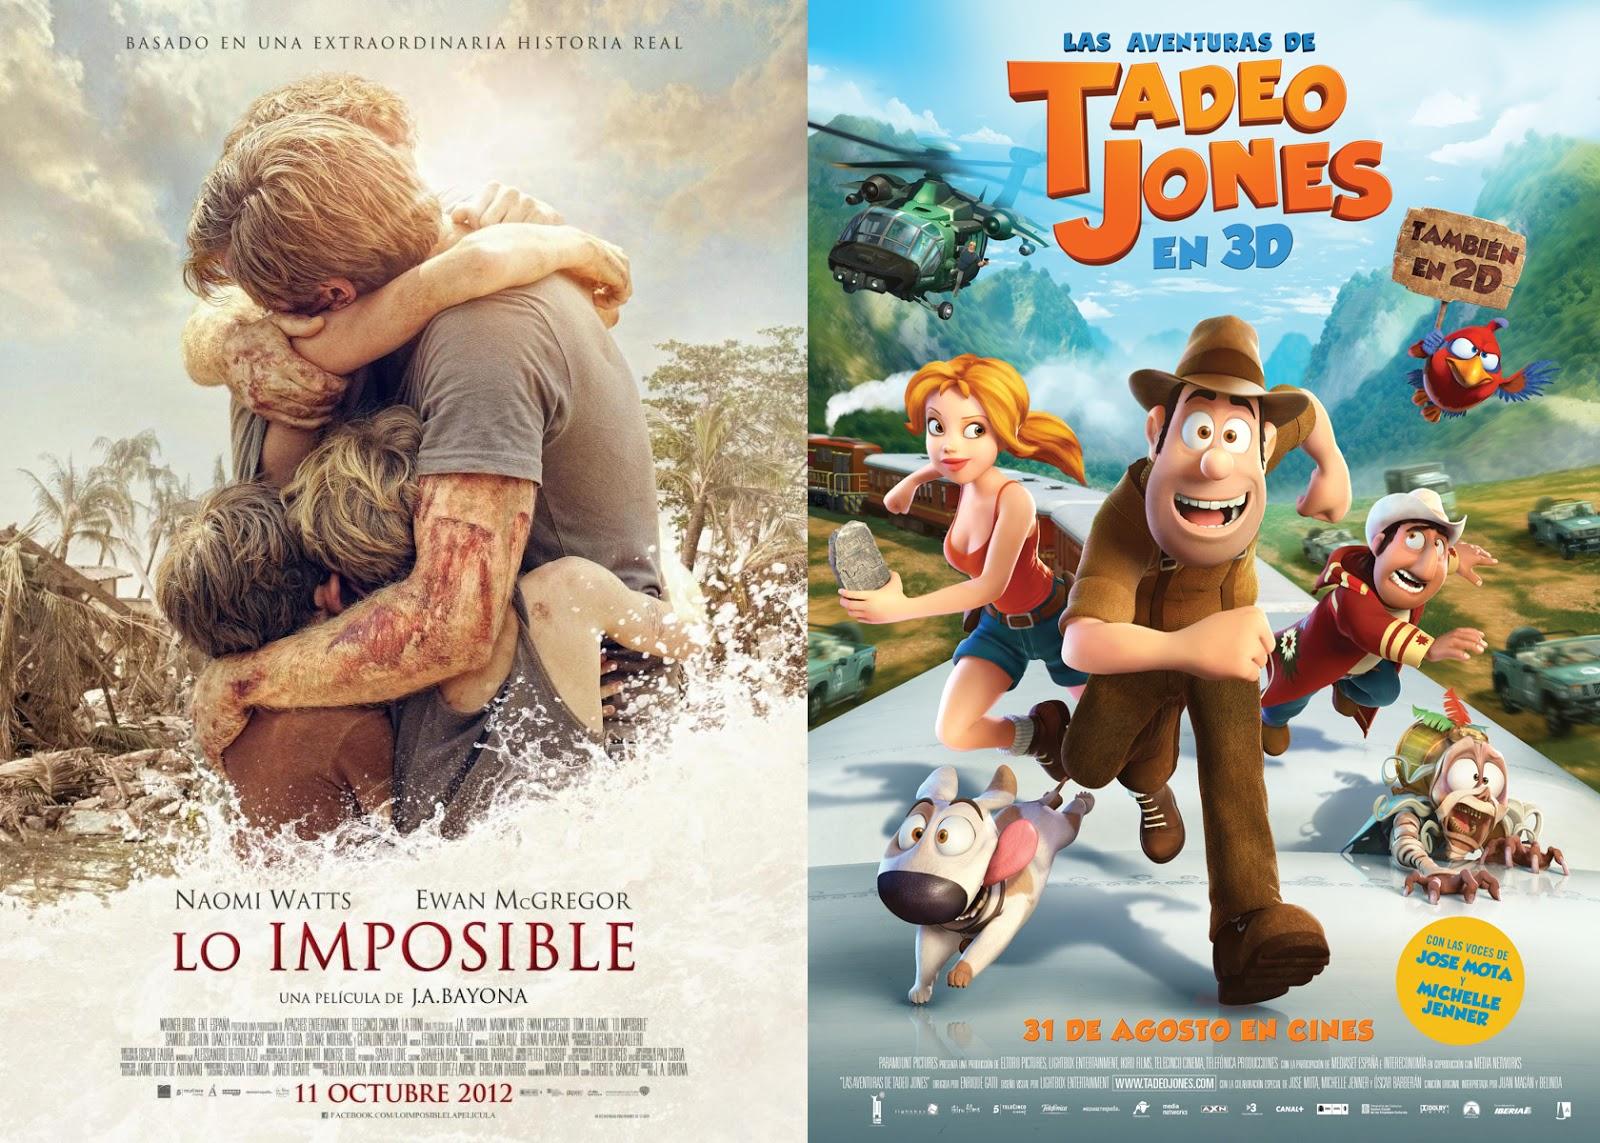 Después del éxito de 'Lo imposible' y 'Las aventuras de Tadeo Jones, Telecinco Cinema planea ya nuevas películas. Making Of. Cine. Películas